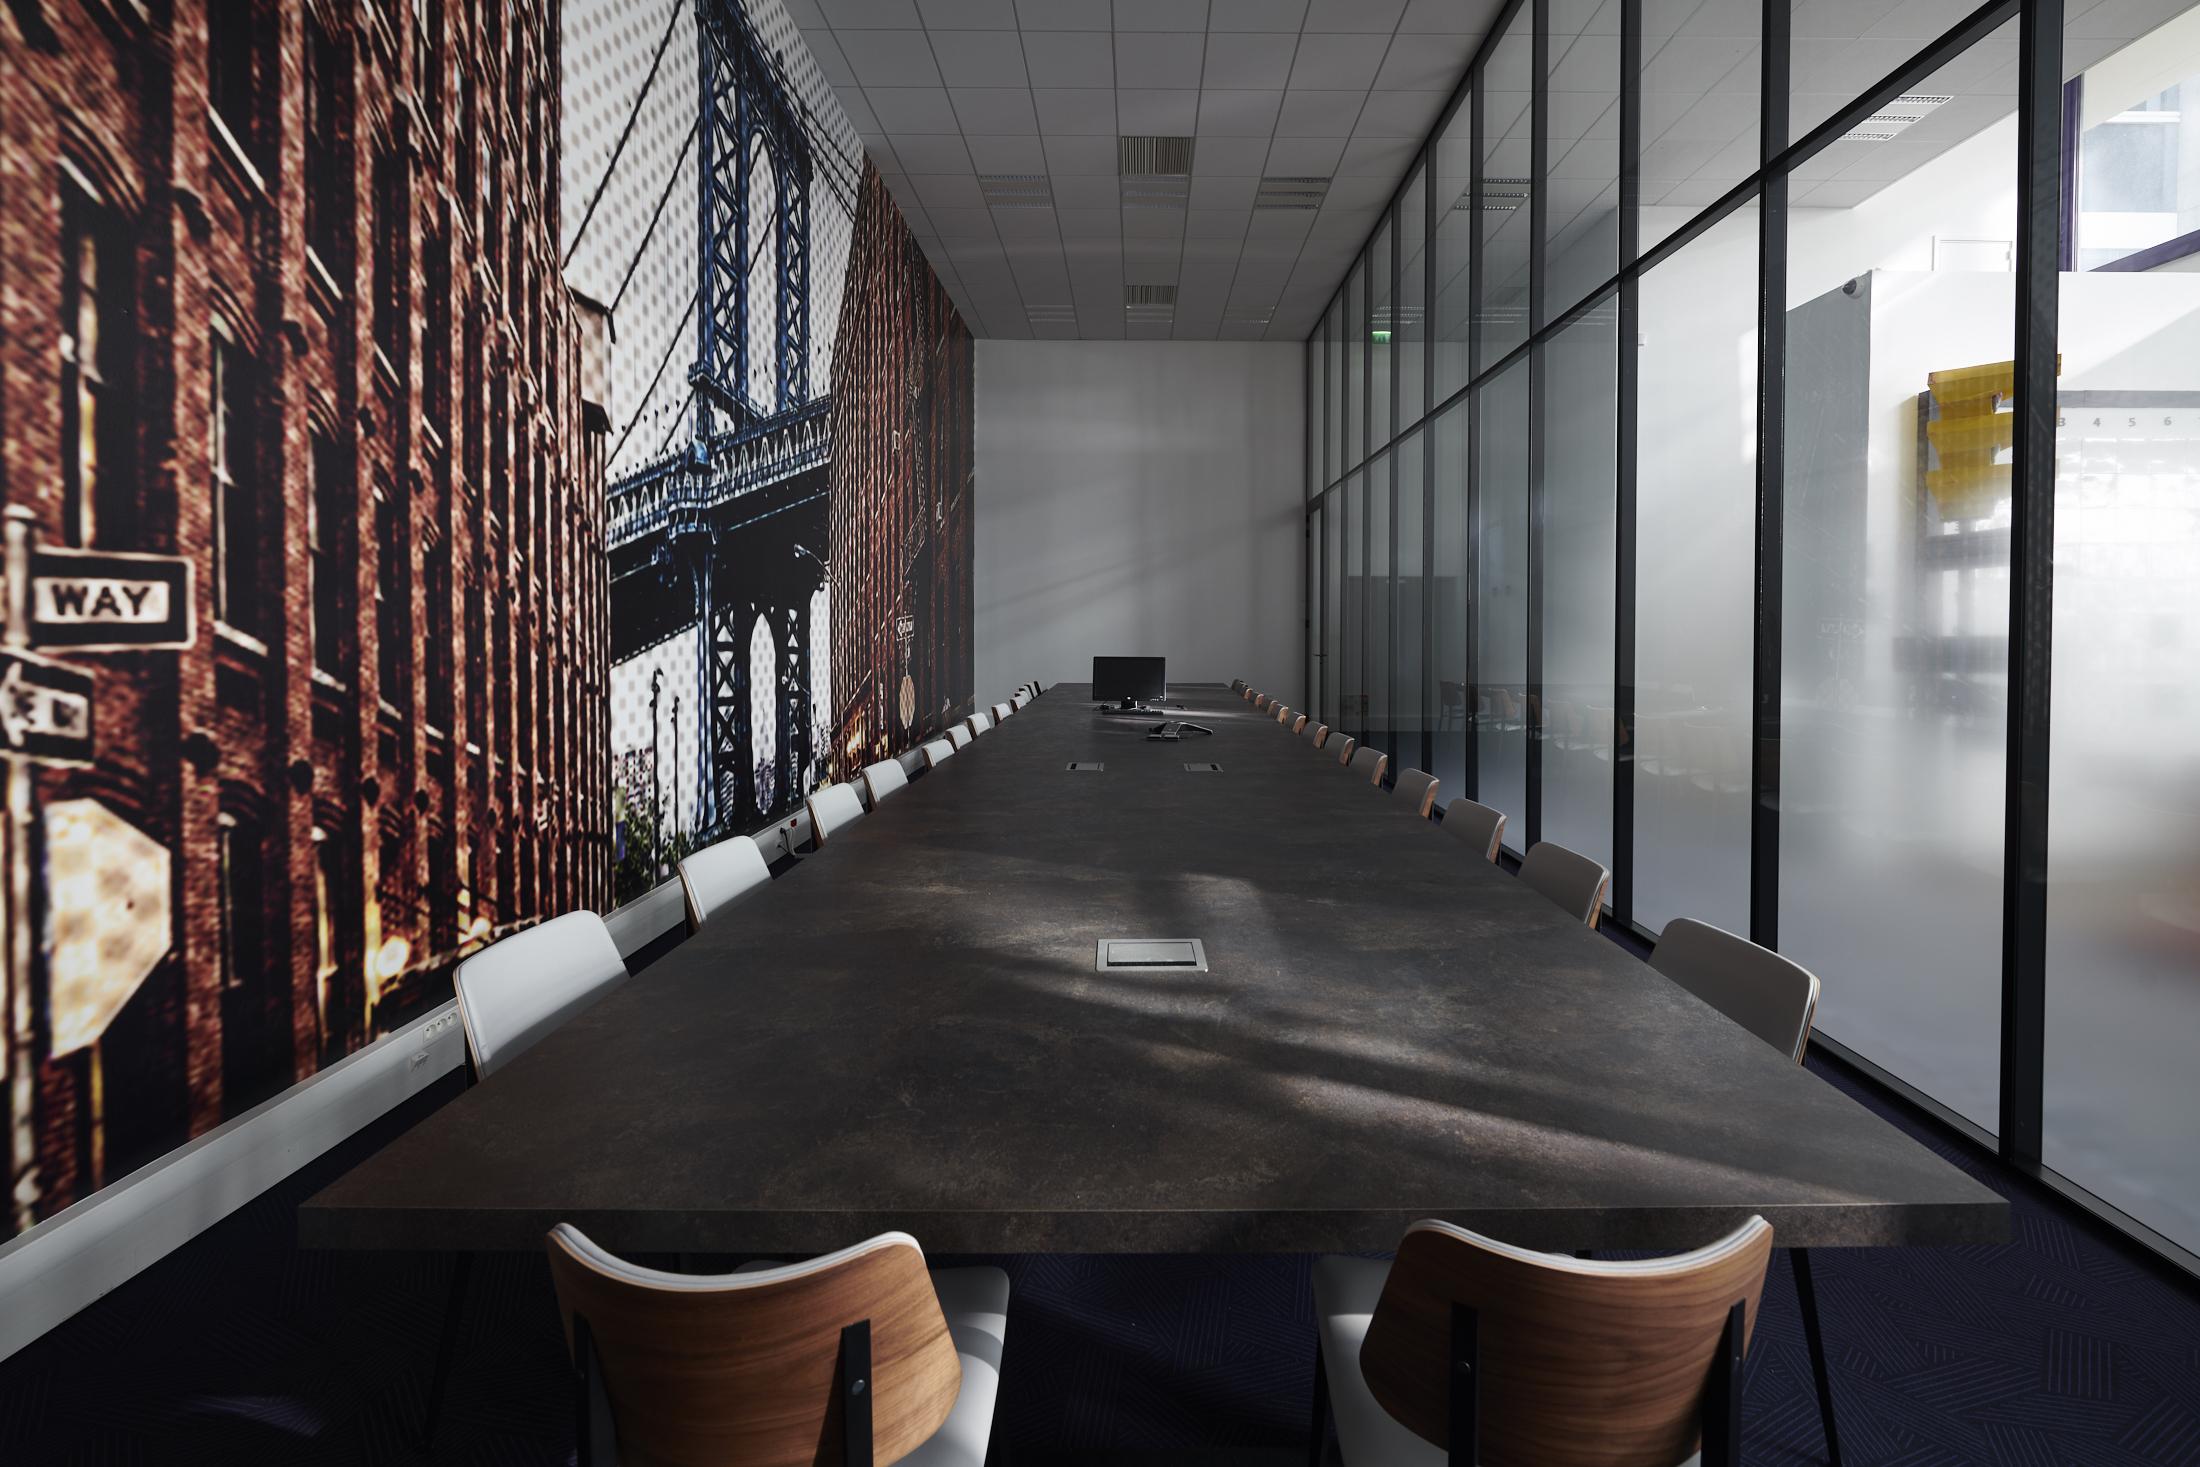 salle de conseil-vitrophanie-cloison vitrée-table réunion sur mesure